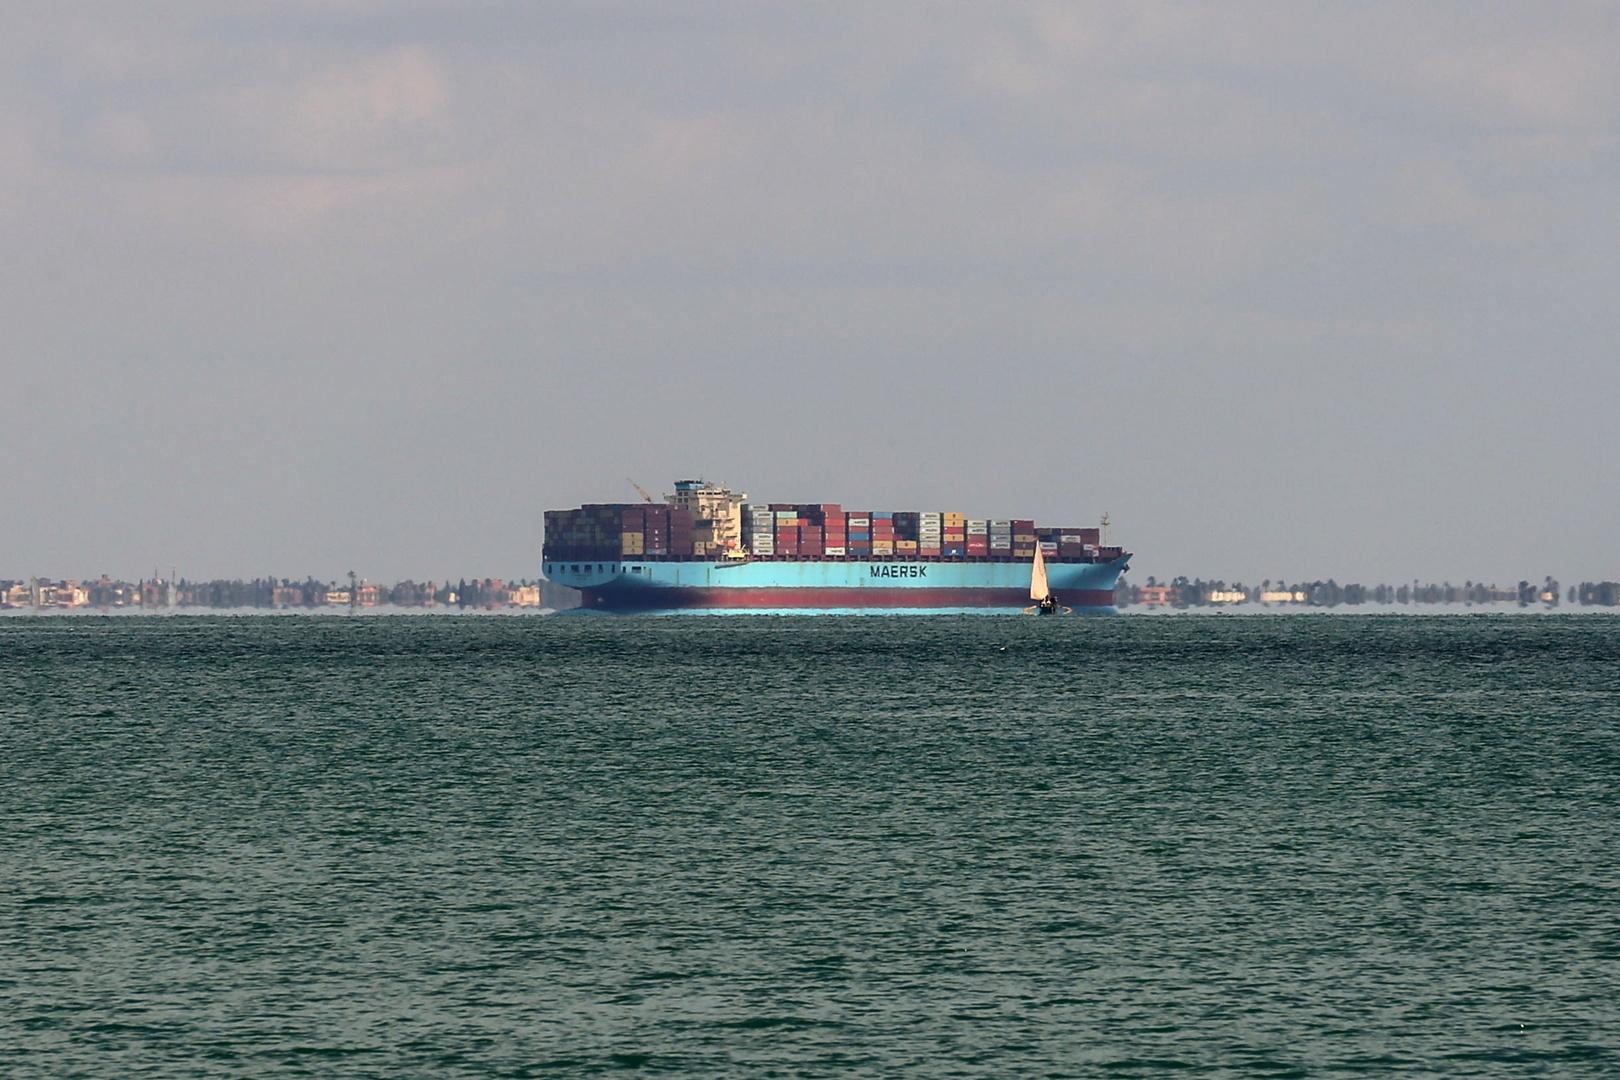 أنباء عن تعطل سفينة جديدة في قناة السويس.. ومصادر توضح (صورة)